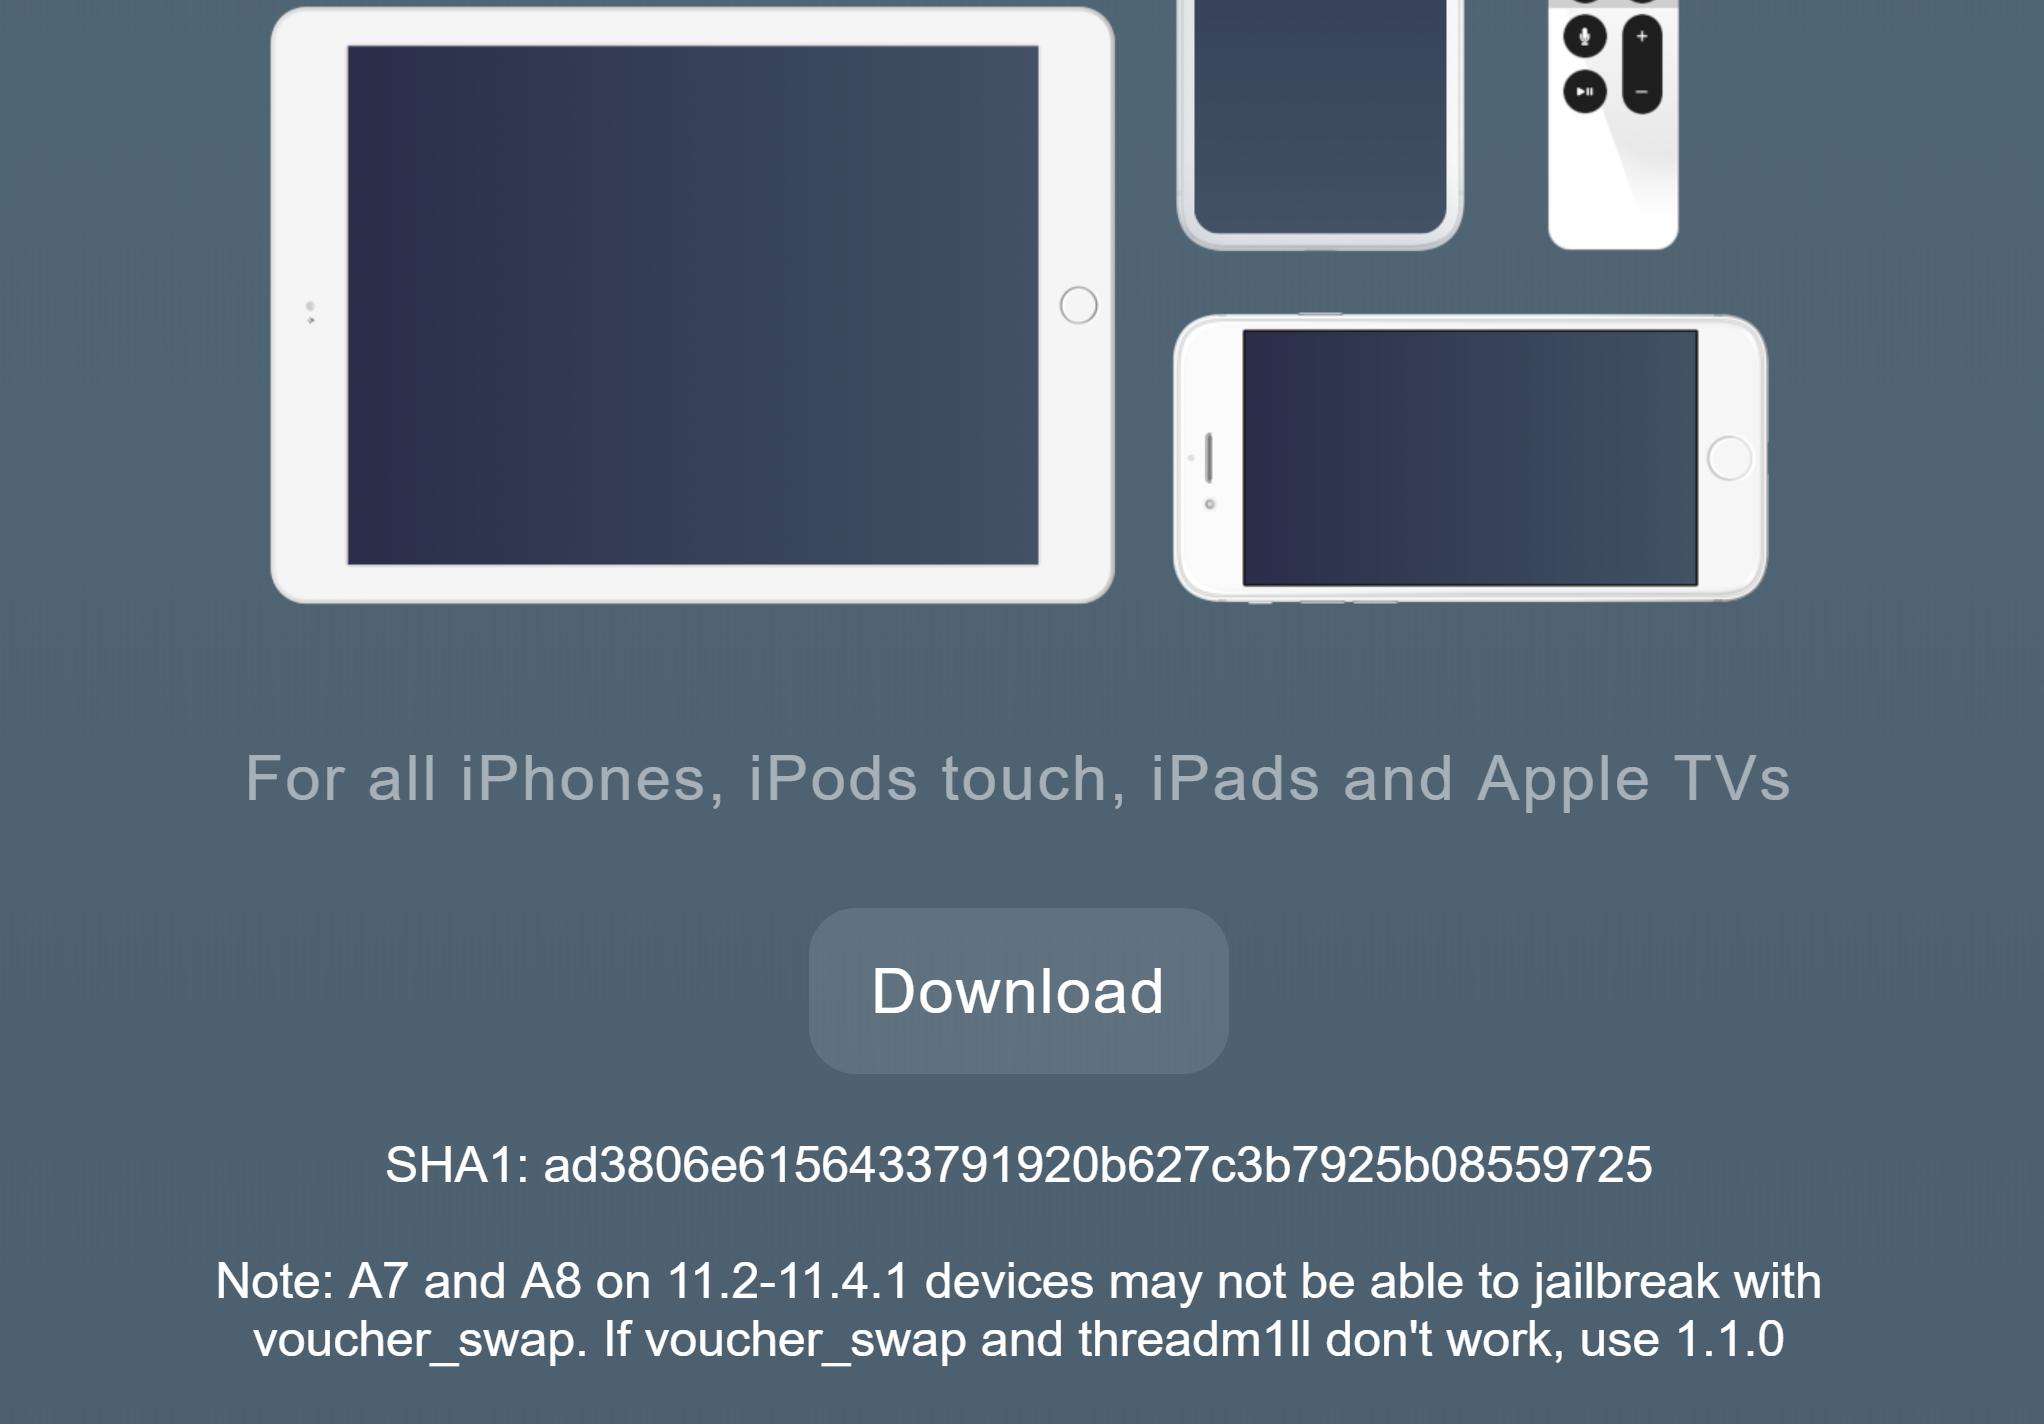 electra jailbreak app download